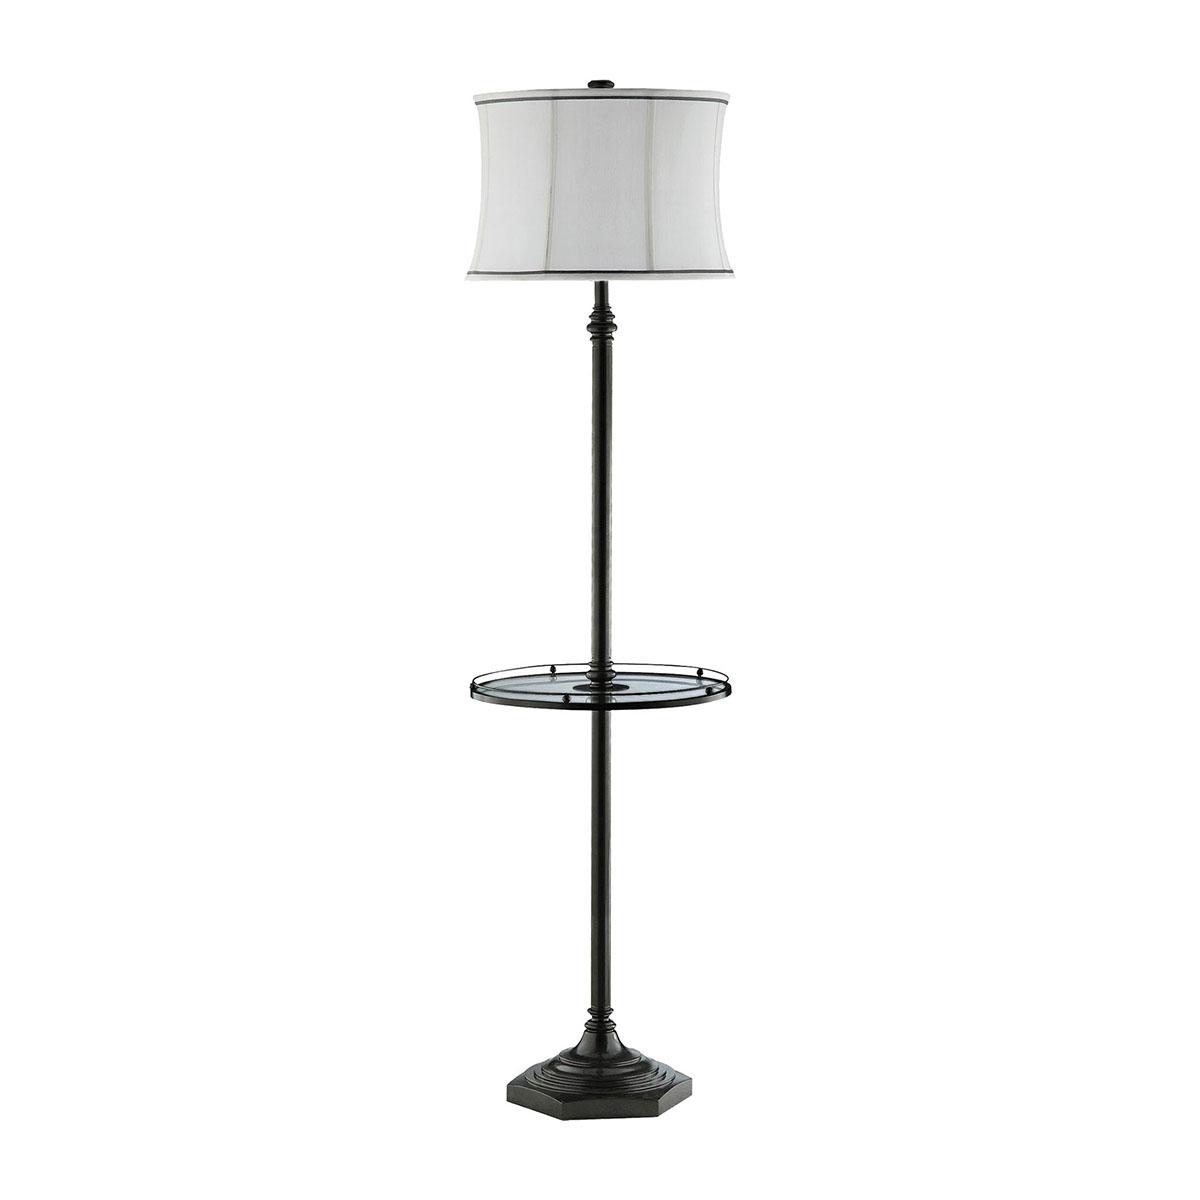 Stein World Joseph Floor Lamp